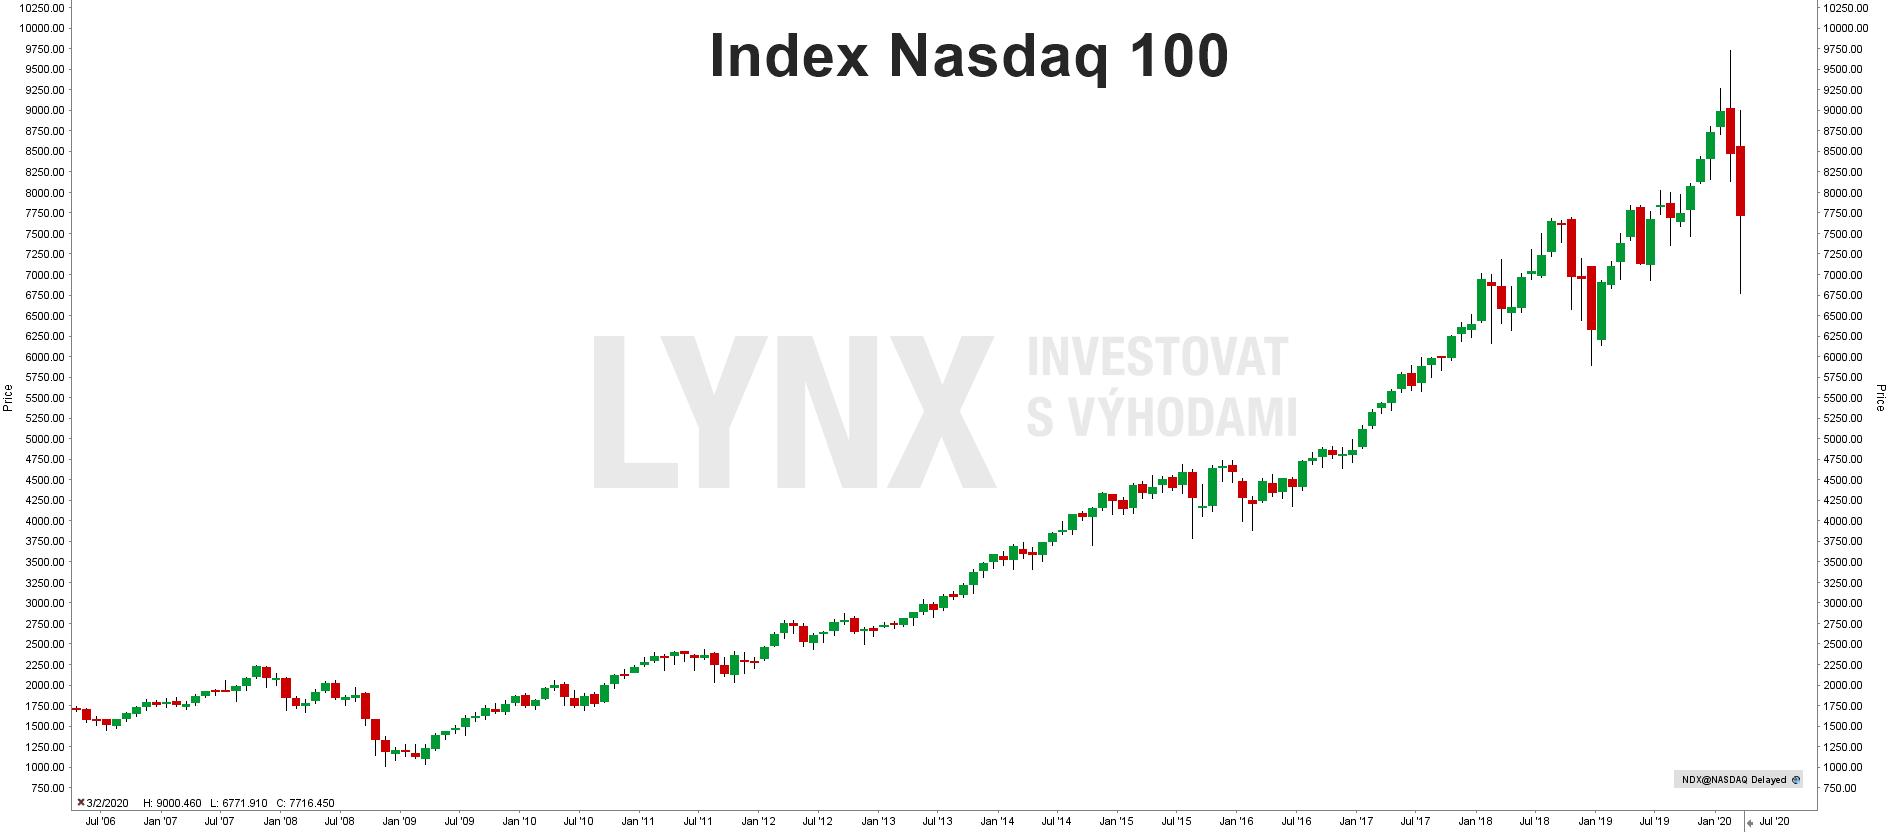 Historický graf indexu Nasdaq 100